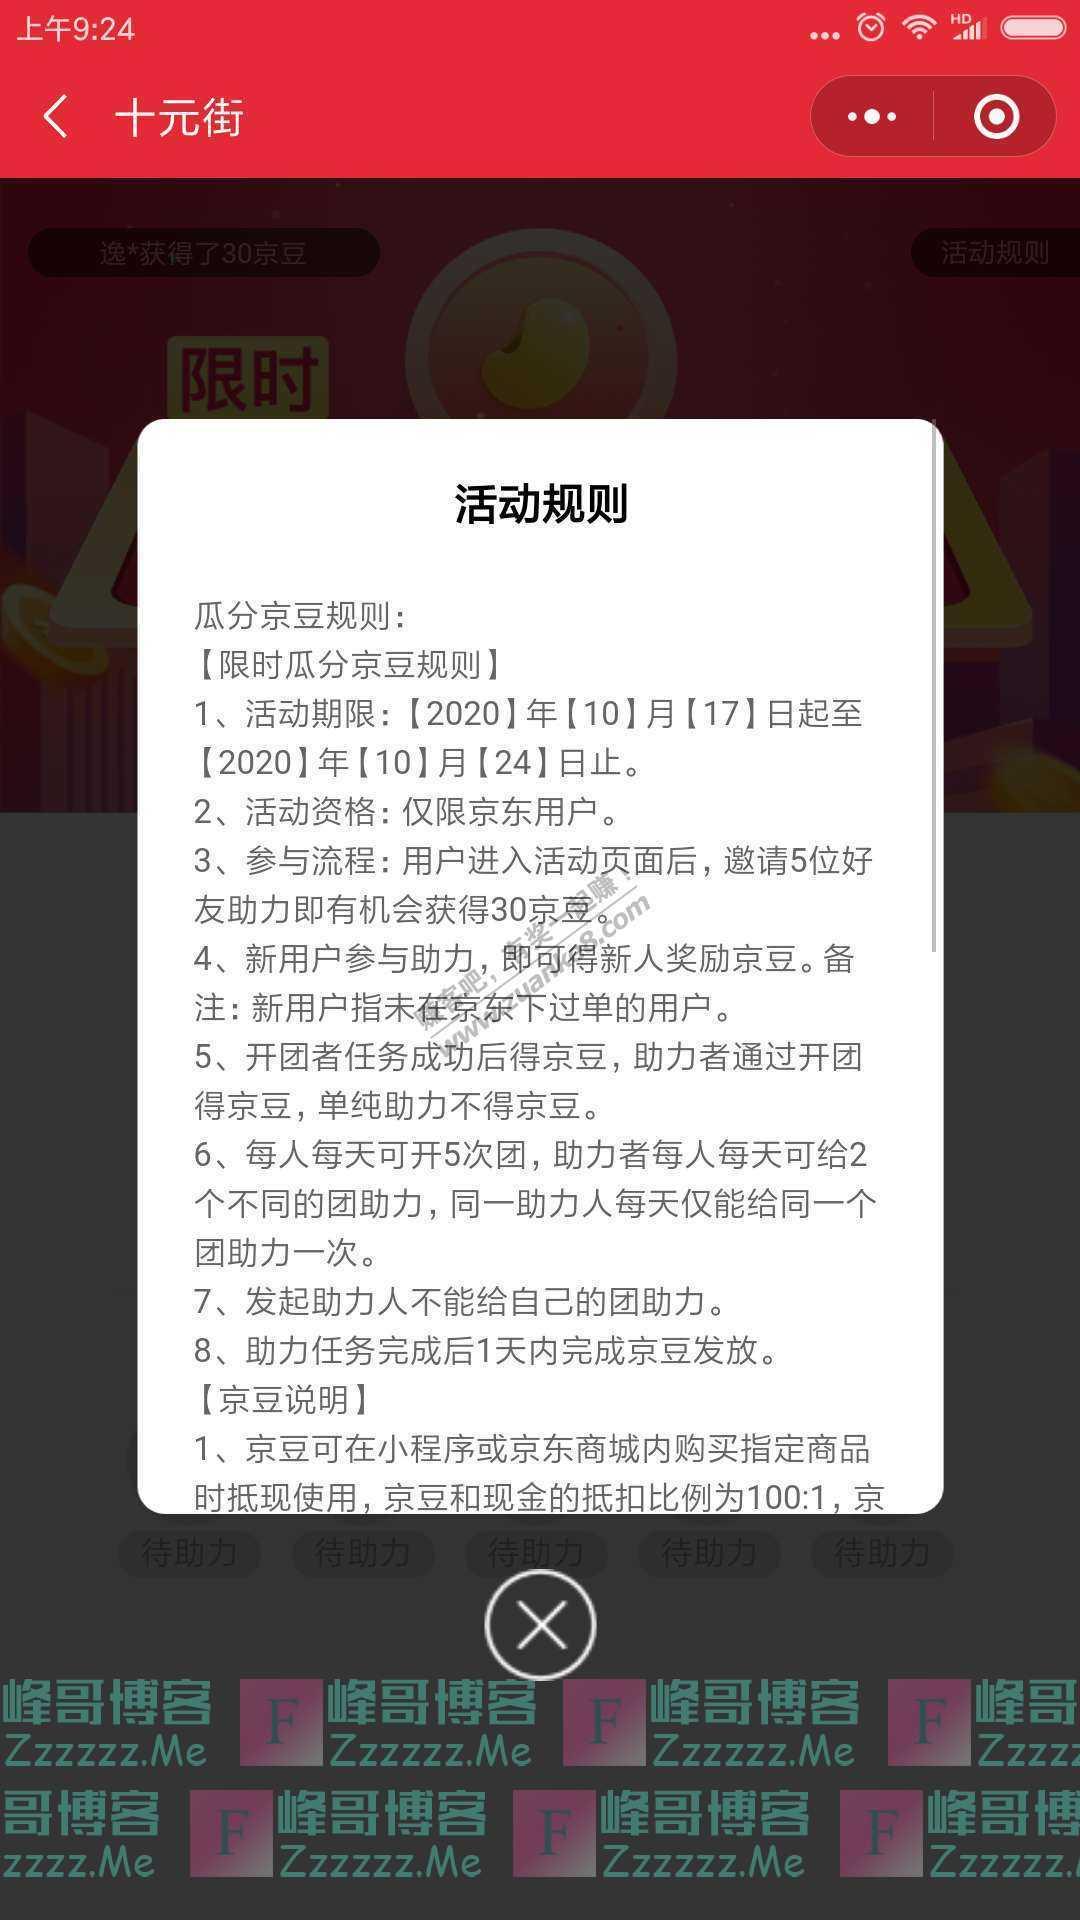 十元街1亿京豆 限时瓜分(截止10月24日)